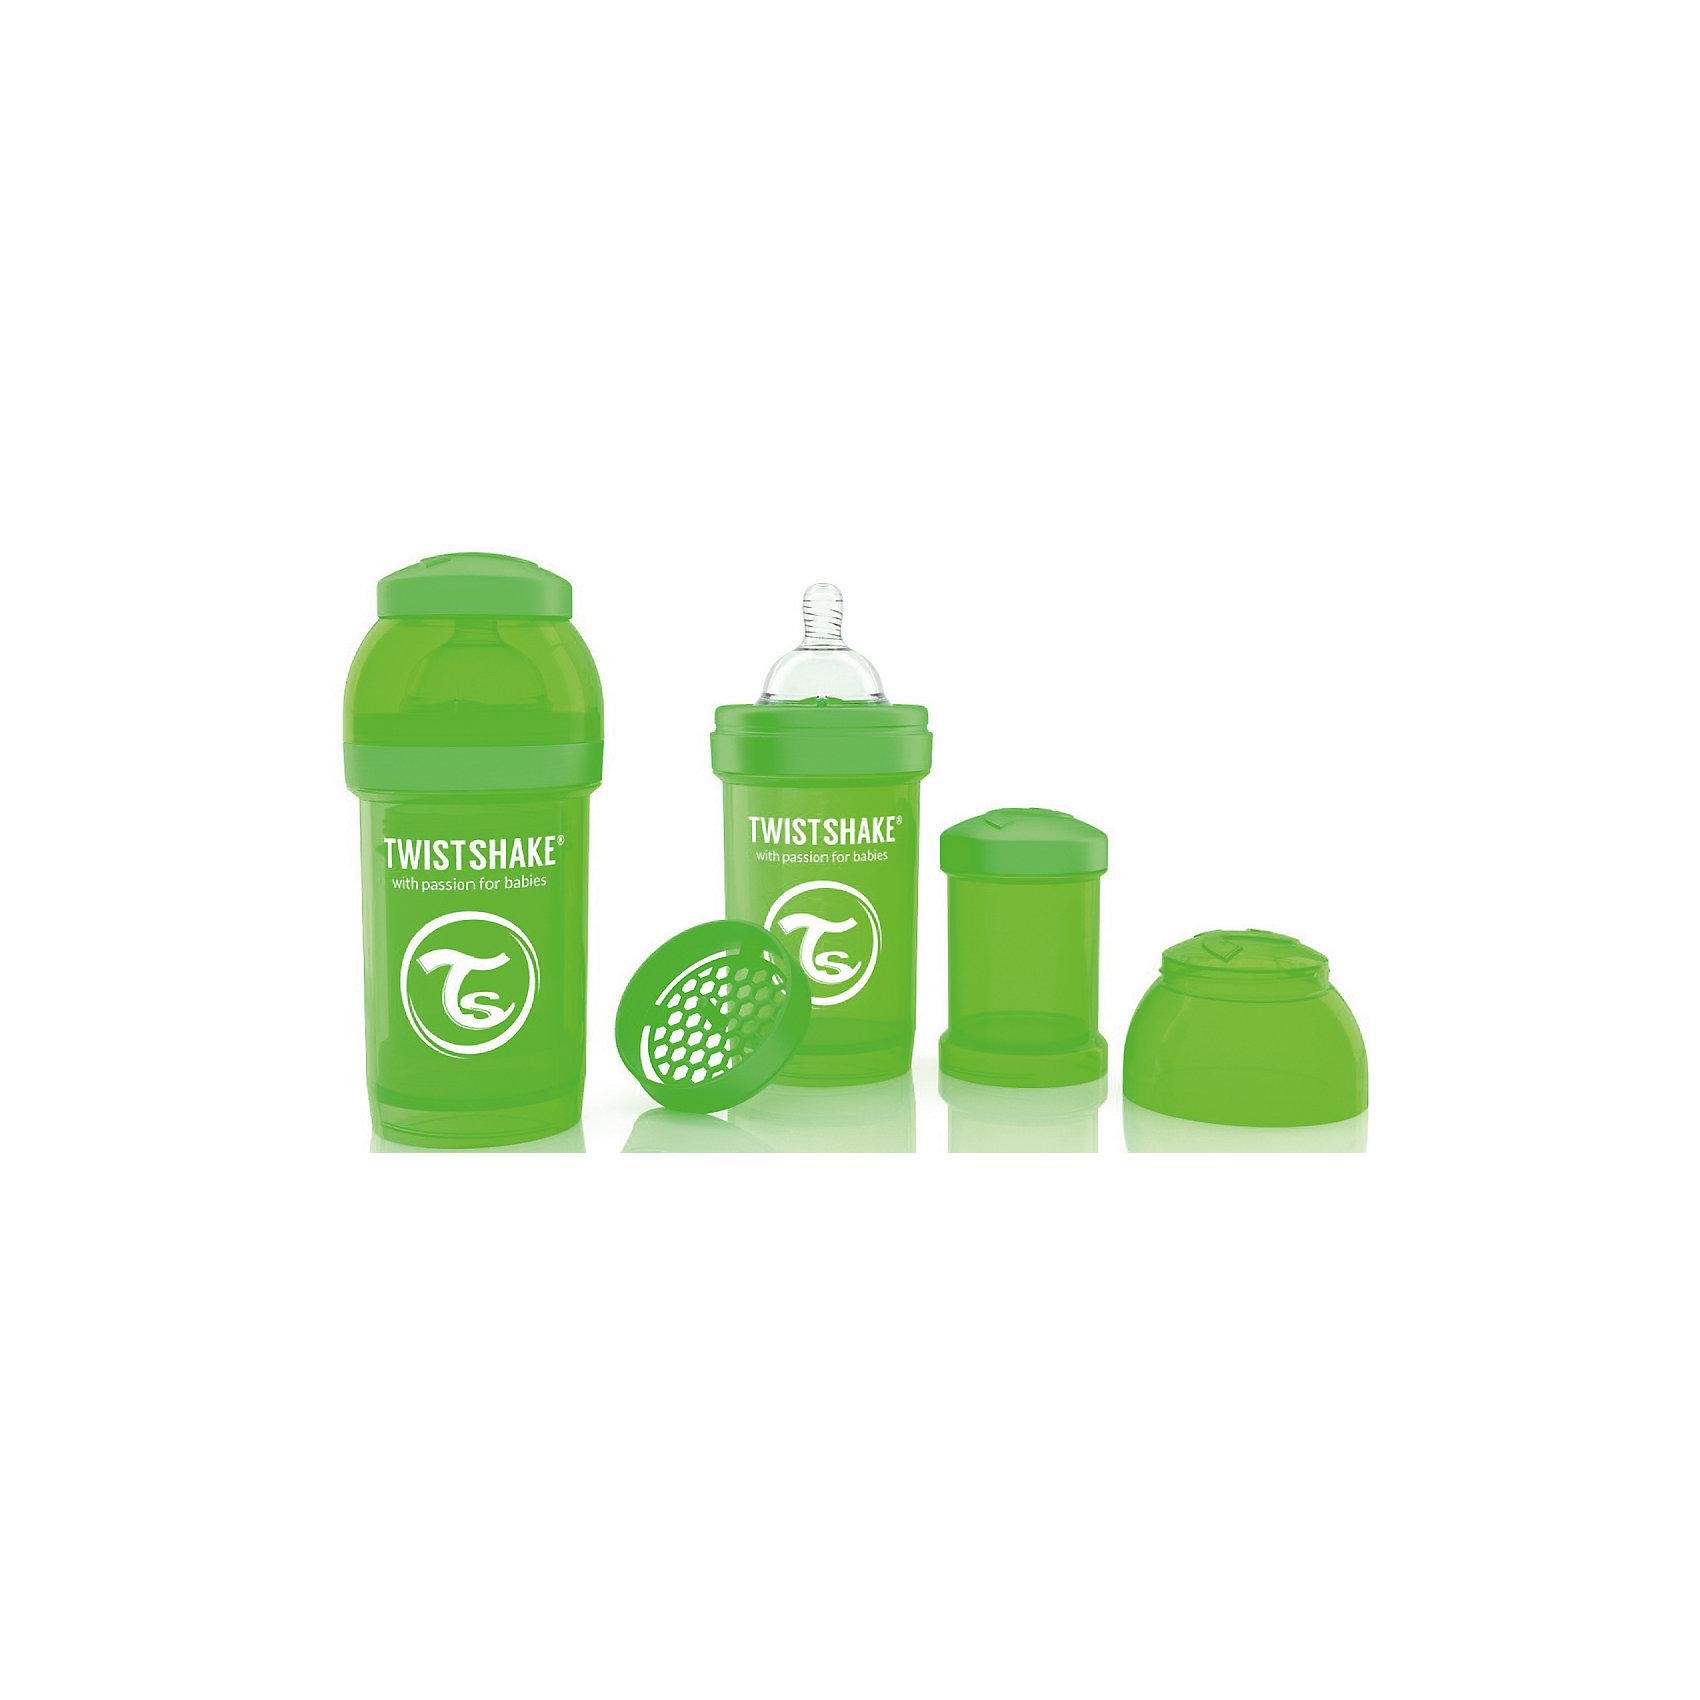 Антиколиковая бутылочка 180 мл., Twistshake, зелёныйАнтиколиковая бутылочка 180 мл., зелёный от шведского бренда Twistshake (Твистшейк), придет по вкусу малышам и современным родителям. Эти бутылочки идут в комплекте с контейнером для сухой смеси, чтобы можно было готовить смесь в любом месте непосредсвенно перед кормлением. Также в комплект входит решеточка для разбивки комочков смеси, делая саму смесь идеальной. Материал бутылочки имеет свойства сохранения температуры, не содержит бисфенол А. Удобная форма горлышка обеспечивает доступ к полной промывки бутылочки, можно стерилизовать как холодным, так и горячим методами. Небольшой контейнер для смеси (100 мл.) можно использовать для хранения еды, например печенья или кусочков яблока. Соска бутылочки имеет ортодонтичную форму, благодаря специальному клапану и строению предотвращает попадание воздуха и снижает вероятность появления коликов у крохи. Все предметы складываются в бутылочку для удобной транспортировки и хранения. Также можно купить бутылочки разных цветов и комбинировать их в любимые цветовые сочетания.<br><br>Дополнительная информация:<br><br>- В комплект входит: бутылочка с соской 180 мл., контейнер с крышкой 100 мл., решетка, крышка для бутылочки.<br>- Состав бутылочки: 100% пропиллен<br>- Состав соски: силикон<br><br>Антиколиковую бутылочку 180 мл., Twistshake, зелёный можно купить в нашем интернет-магазине.<br>Подробнее:<br>• Для детей в возрасте: от 0 до 1 года<br>• Номер товара: 4976041<br>Страна производитель: Китай<br><br>Ширина мм: 70<br>Глубина мм: 70<br>Высота мм: 160<br>Вес г: 152<br>Возраст от месяцев: 0<br>Возраст до месяцев: 12<br>Пол: Унисекс<br>Возраст: Детский<br>SKU: 4976041